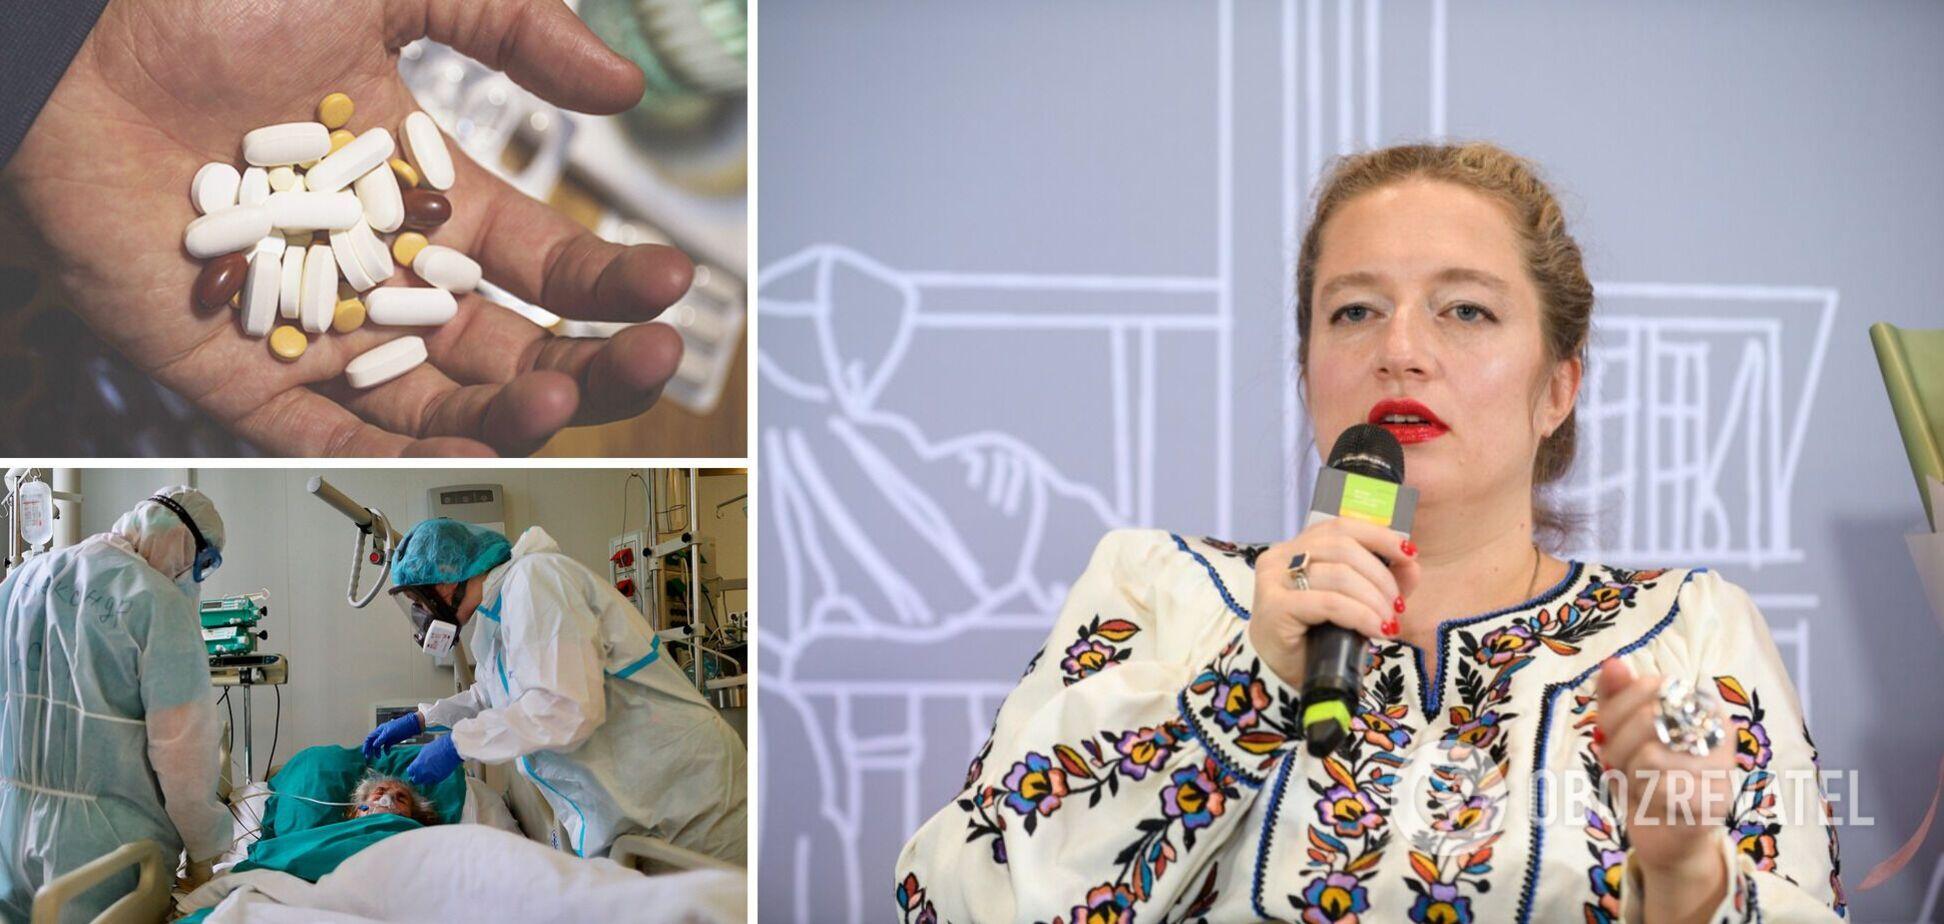 Забудьте про самолікування та антибіотики: експертка UNISEF розповіла, як не потрібно лікувати COVID-19